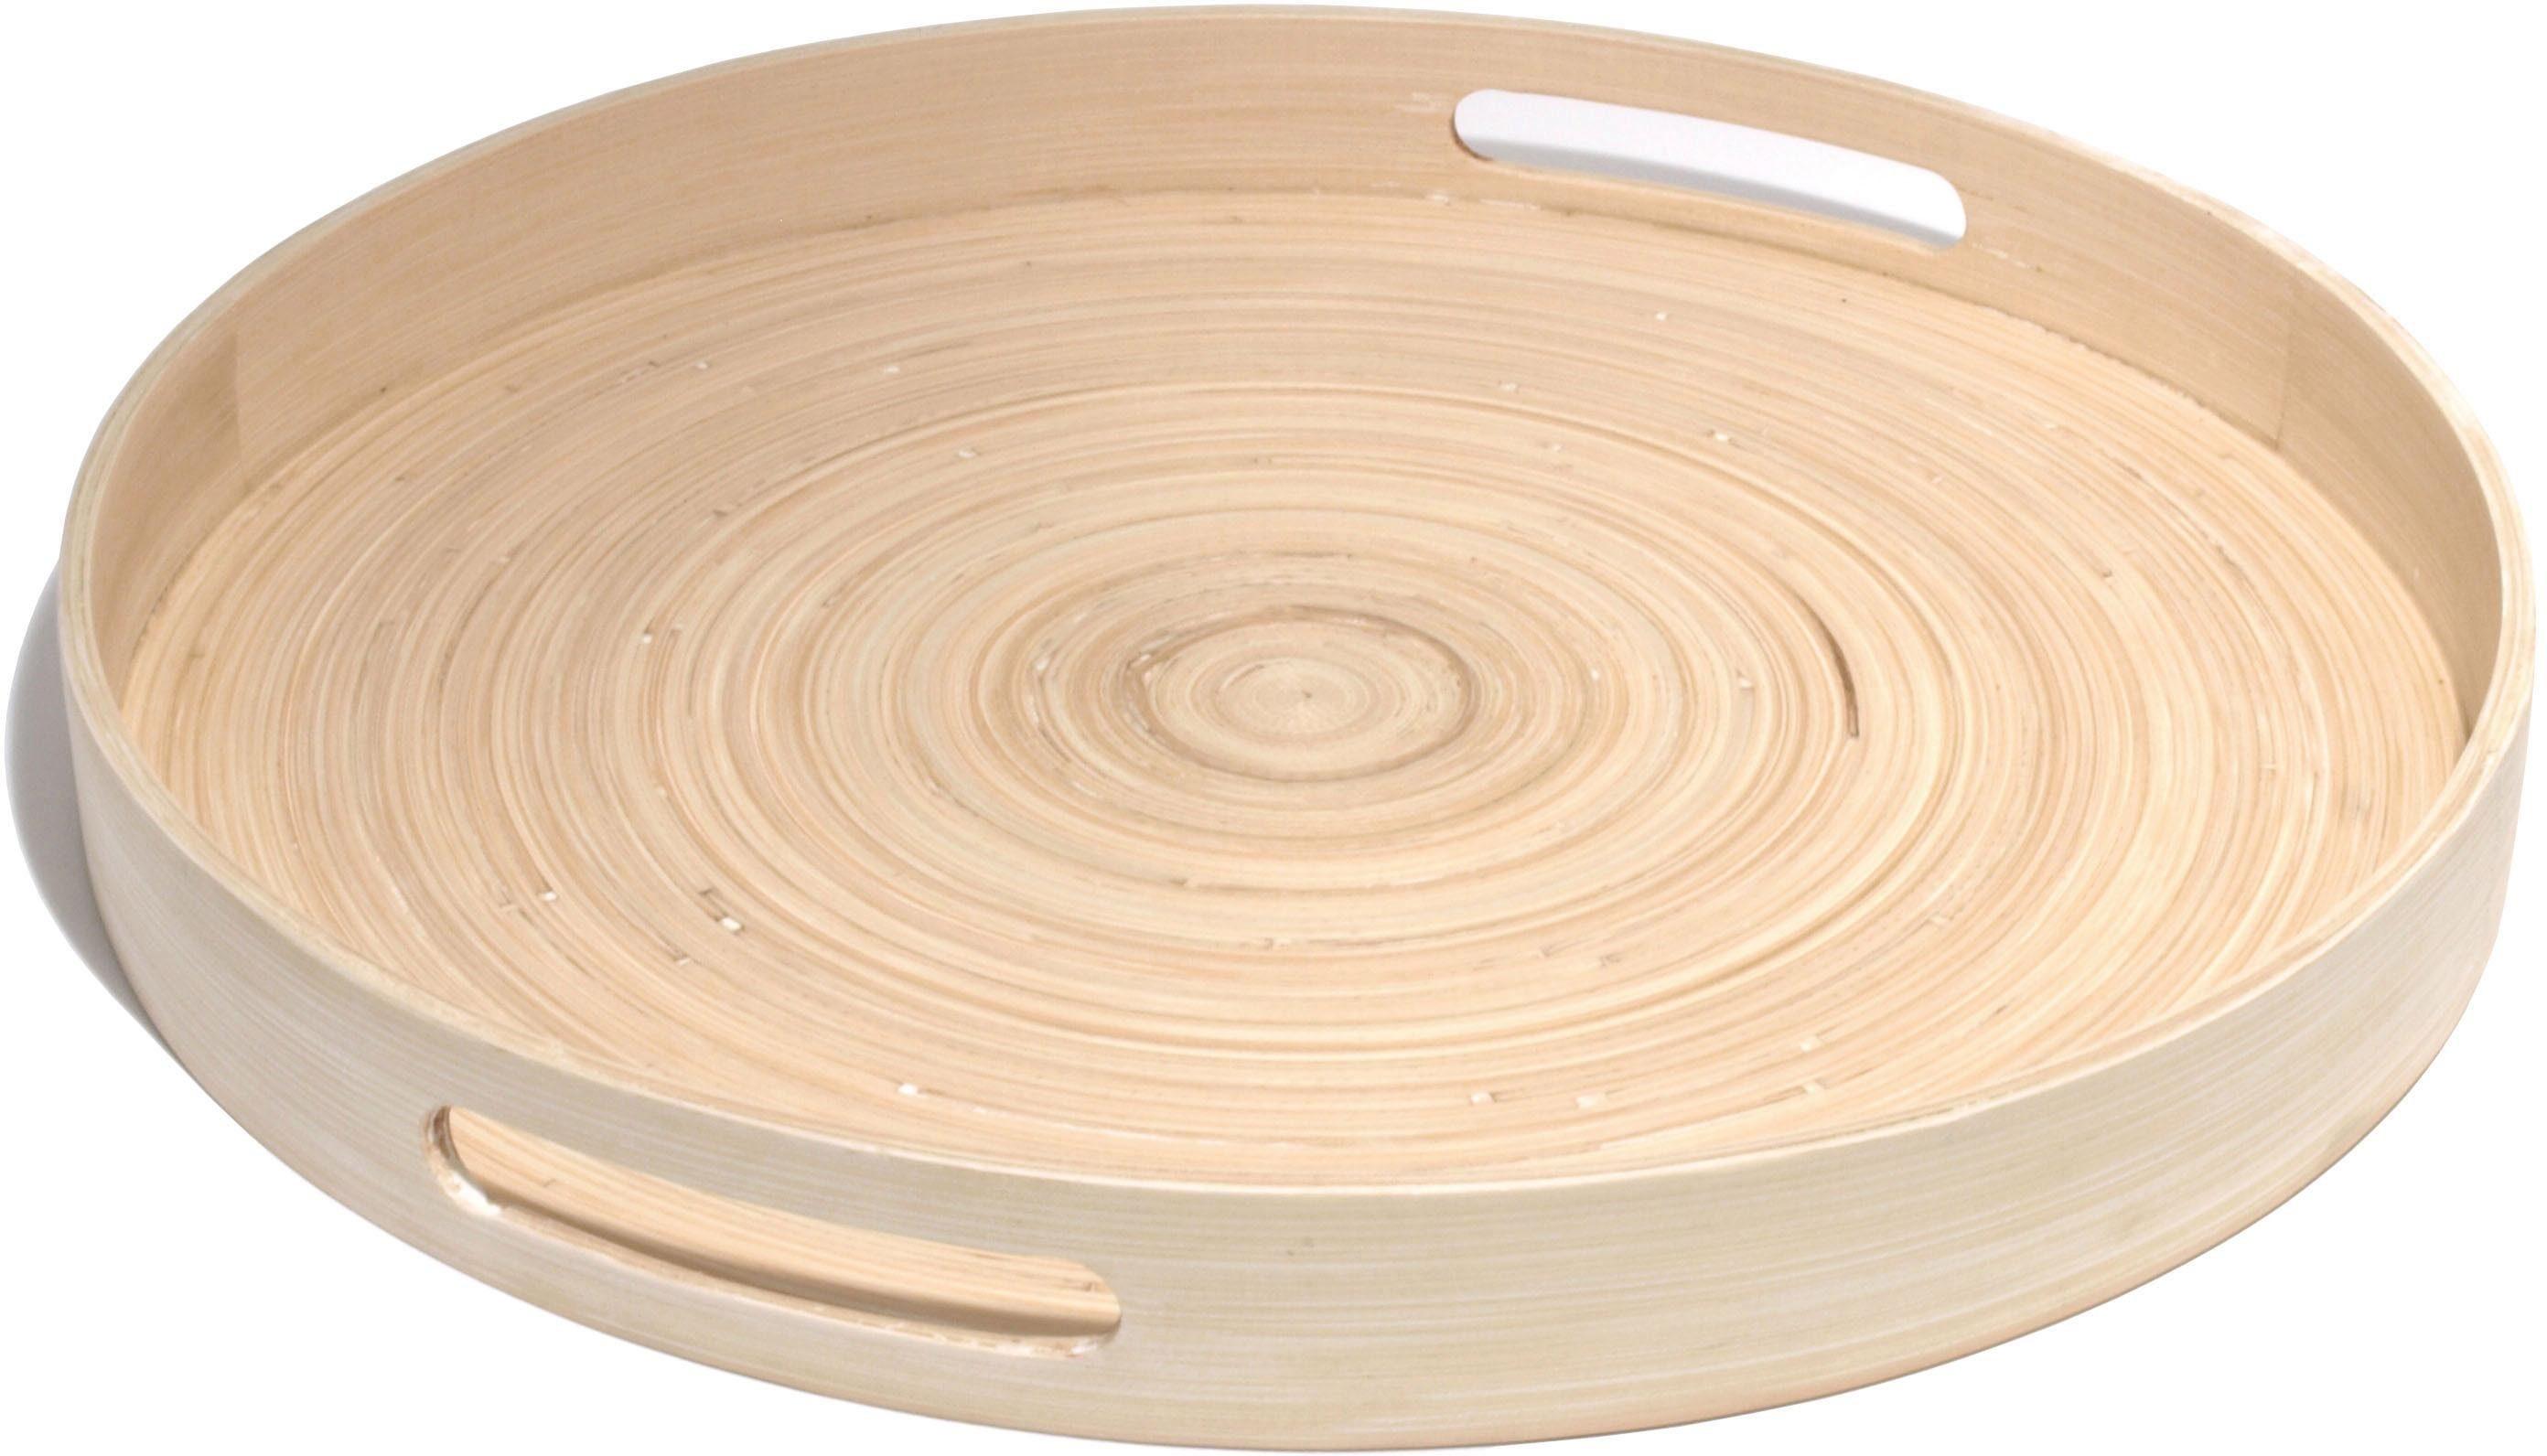 Franz Müller Flechtwaren Tablett, rund, Ø 45 cm, »Bamboo«